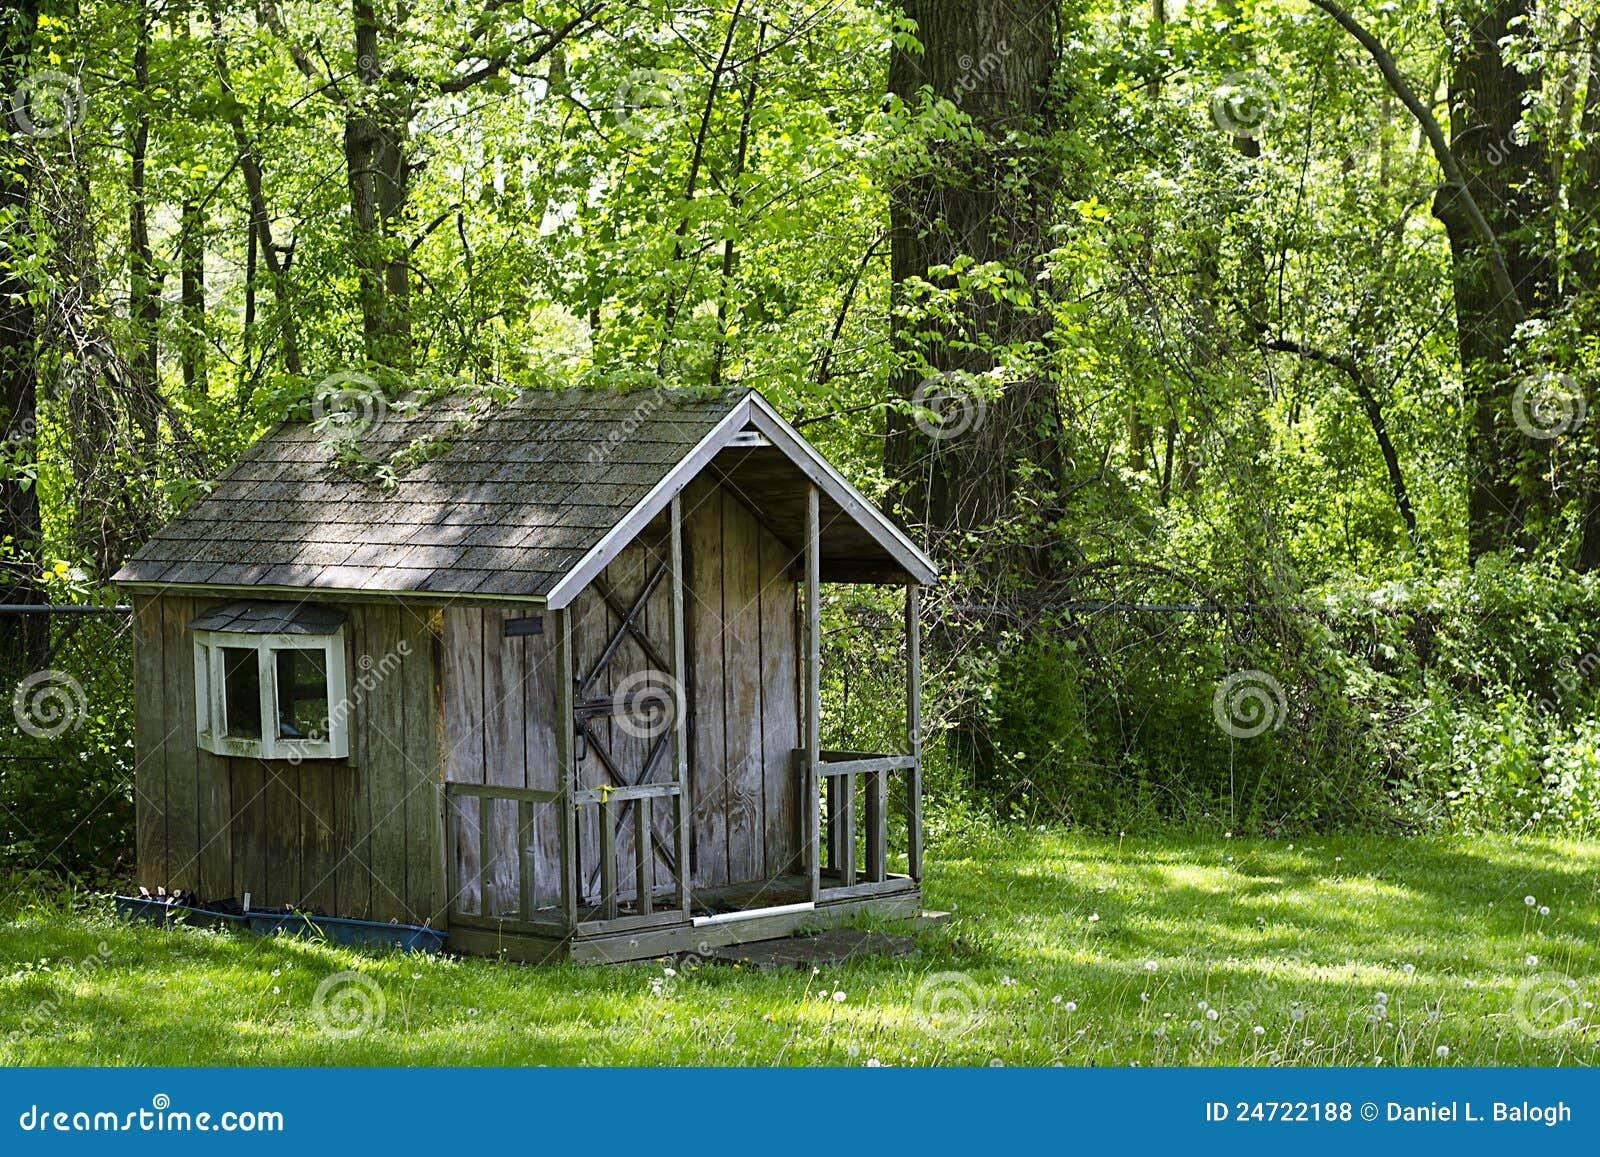 Casa en el bosque fotos de archivo libres de regal as - Casas el bosque ...